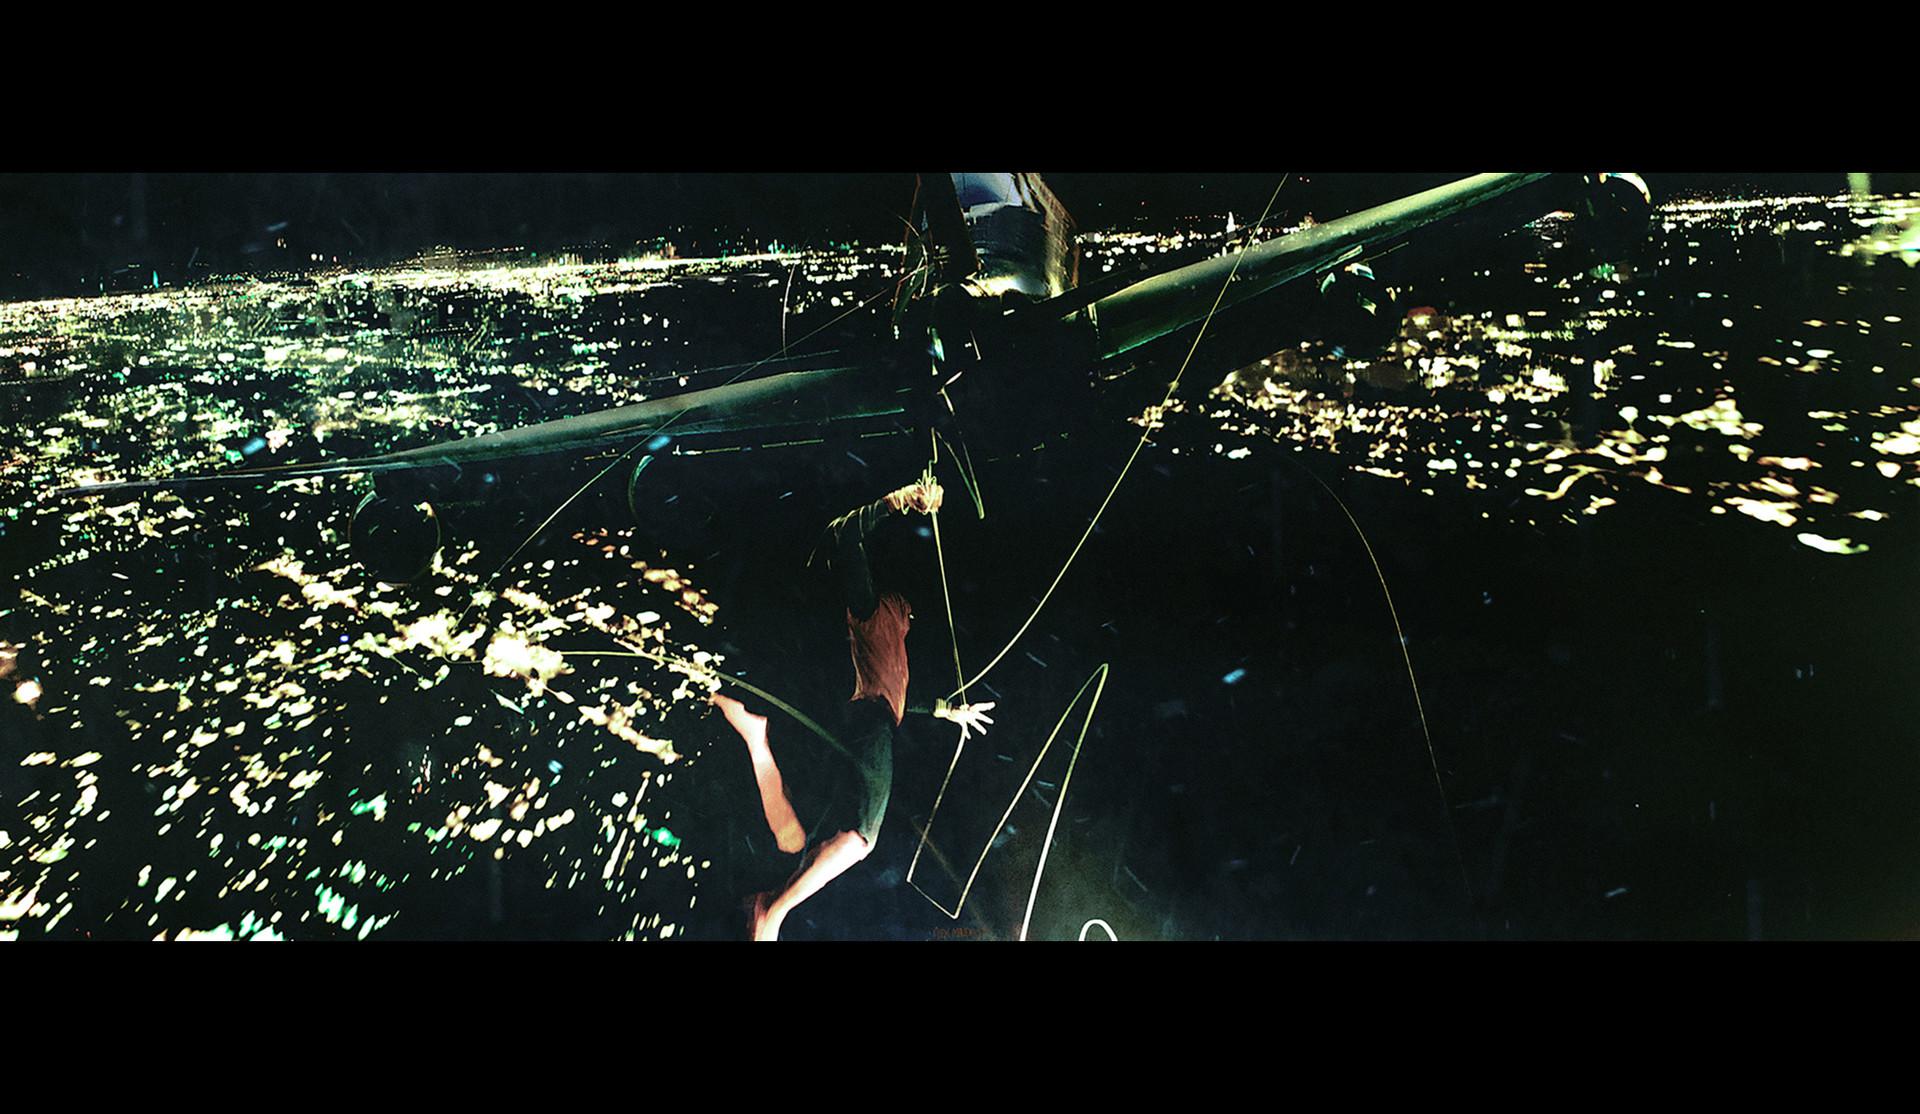 Alexander mandradjiev 747 climax v2